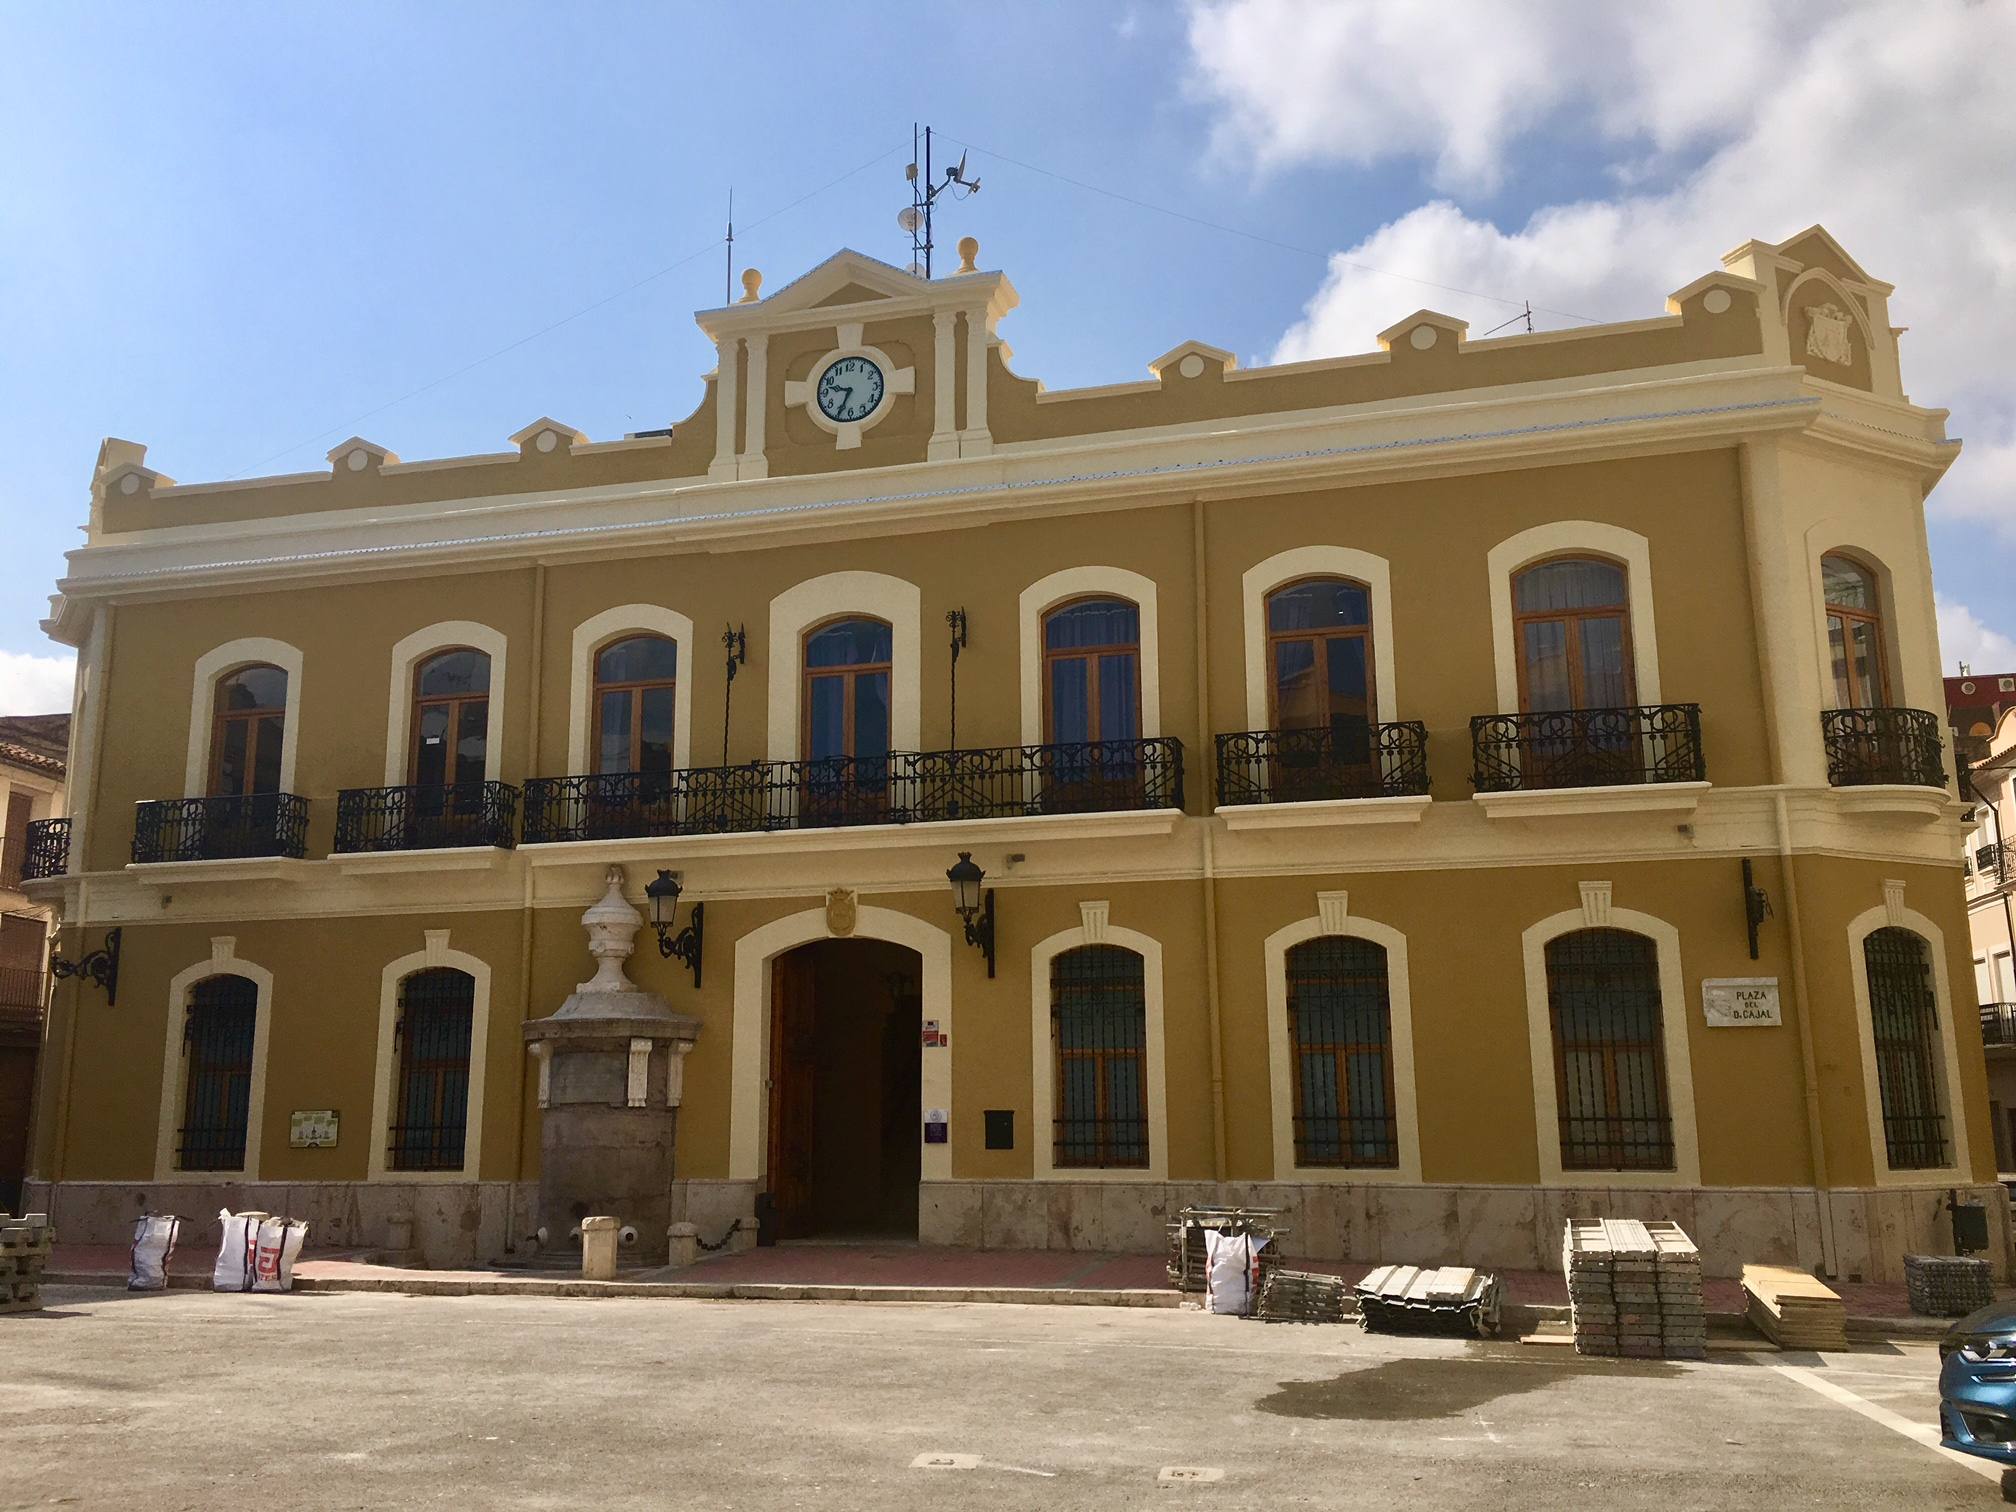 Tras un mes de intervenciones, la fachada del Ayuntamiento de Cheste ya luce restaurada y pintada